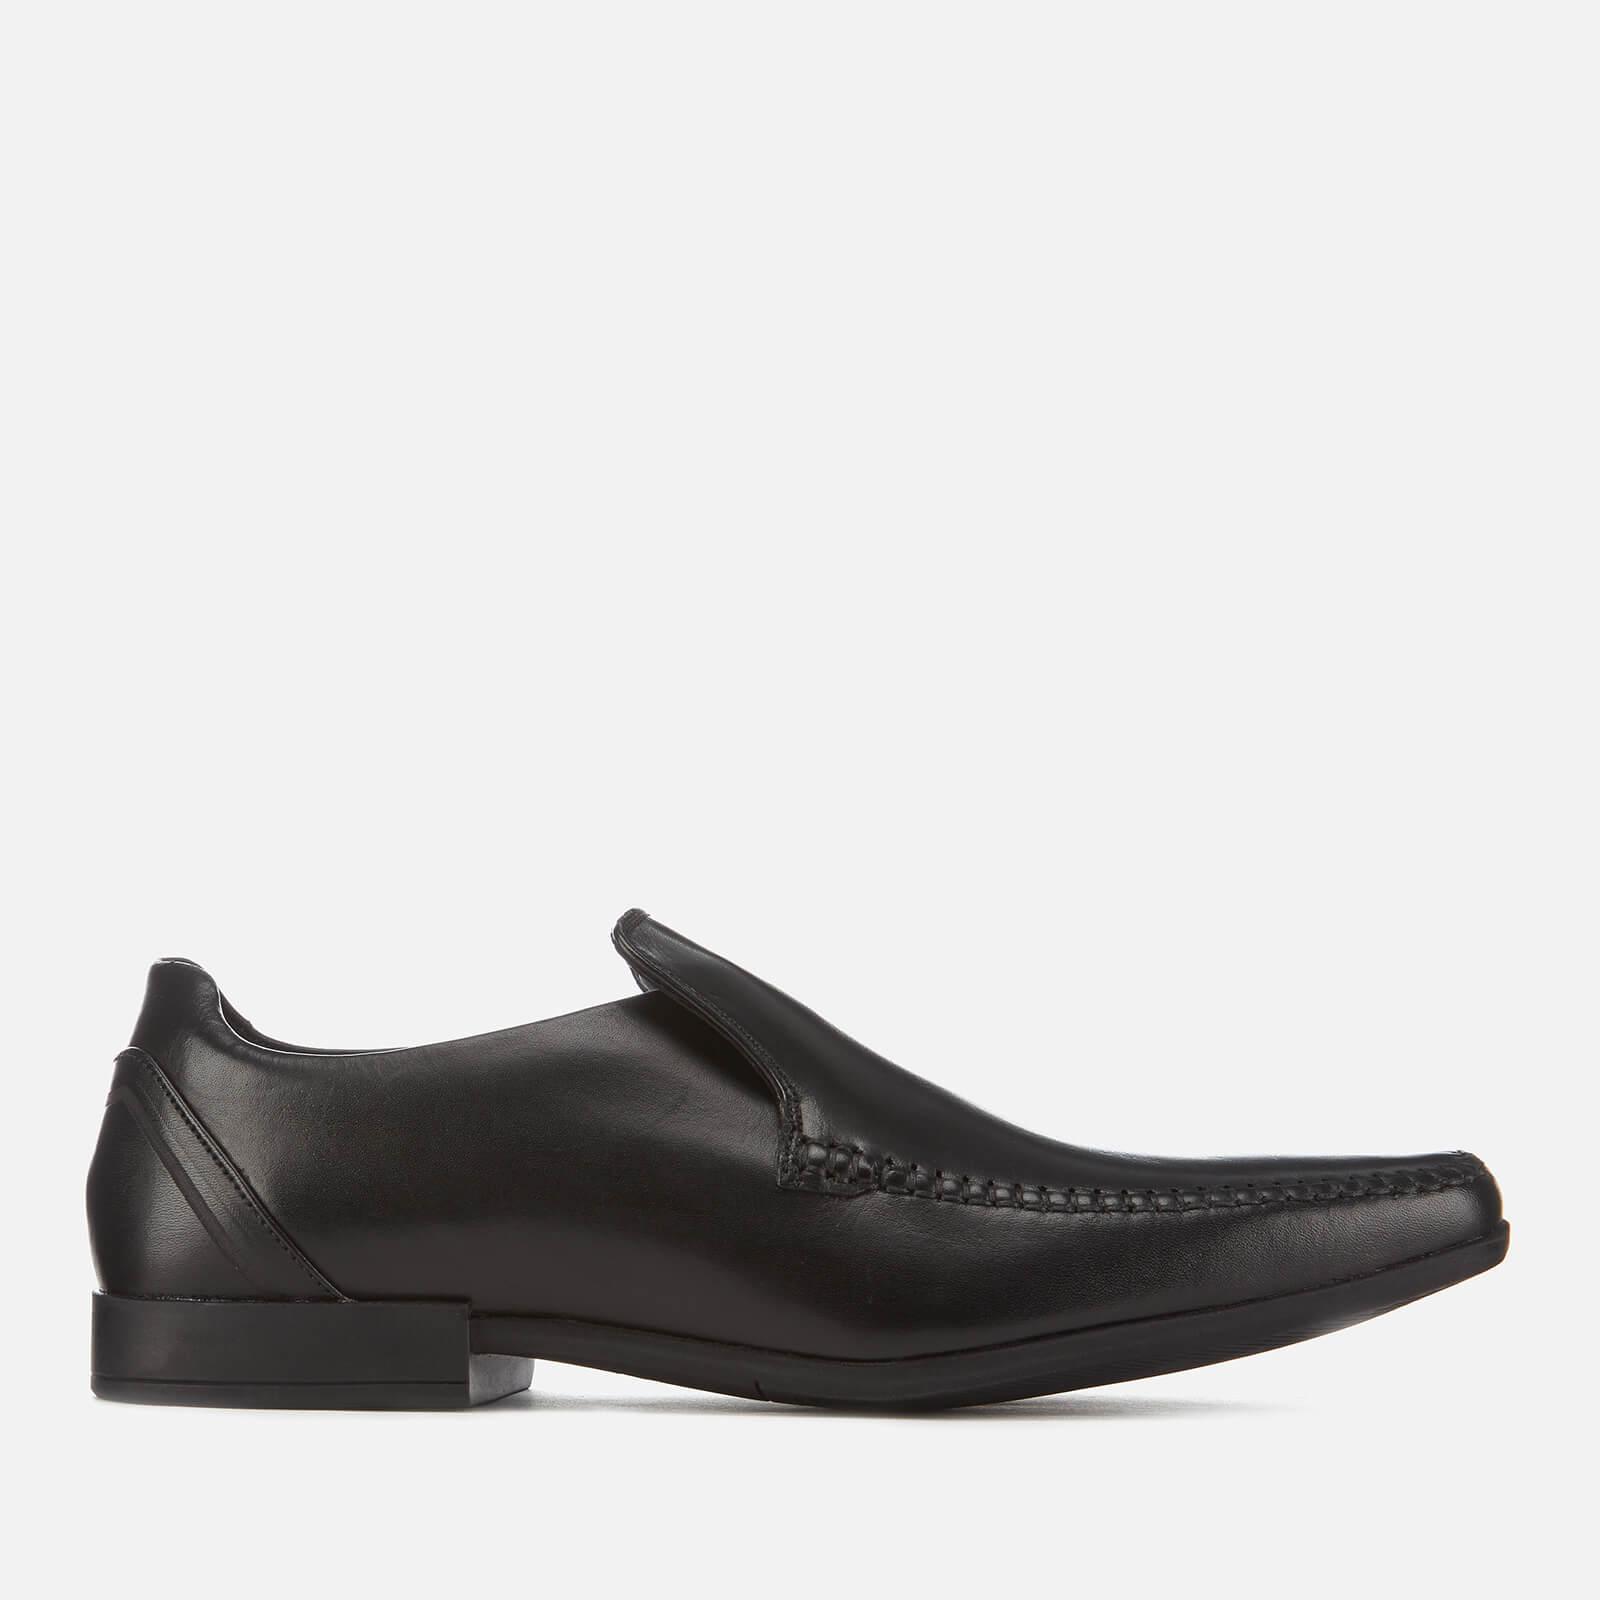 Clarks Men's Glement Seam Leather Slip-On Shoes - Black - UK 7